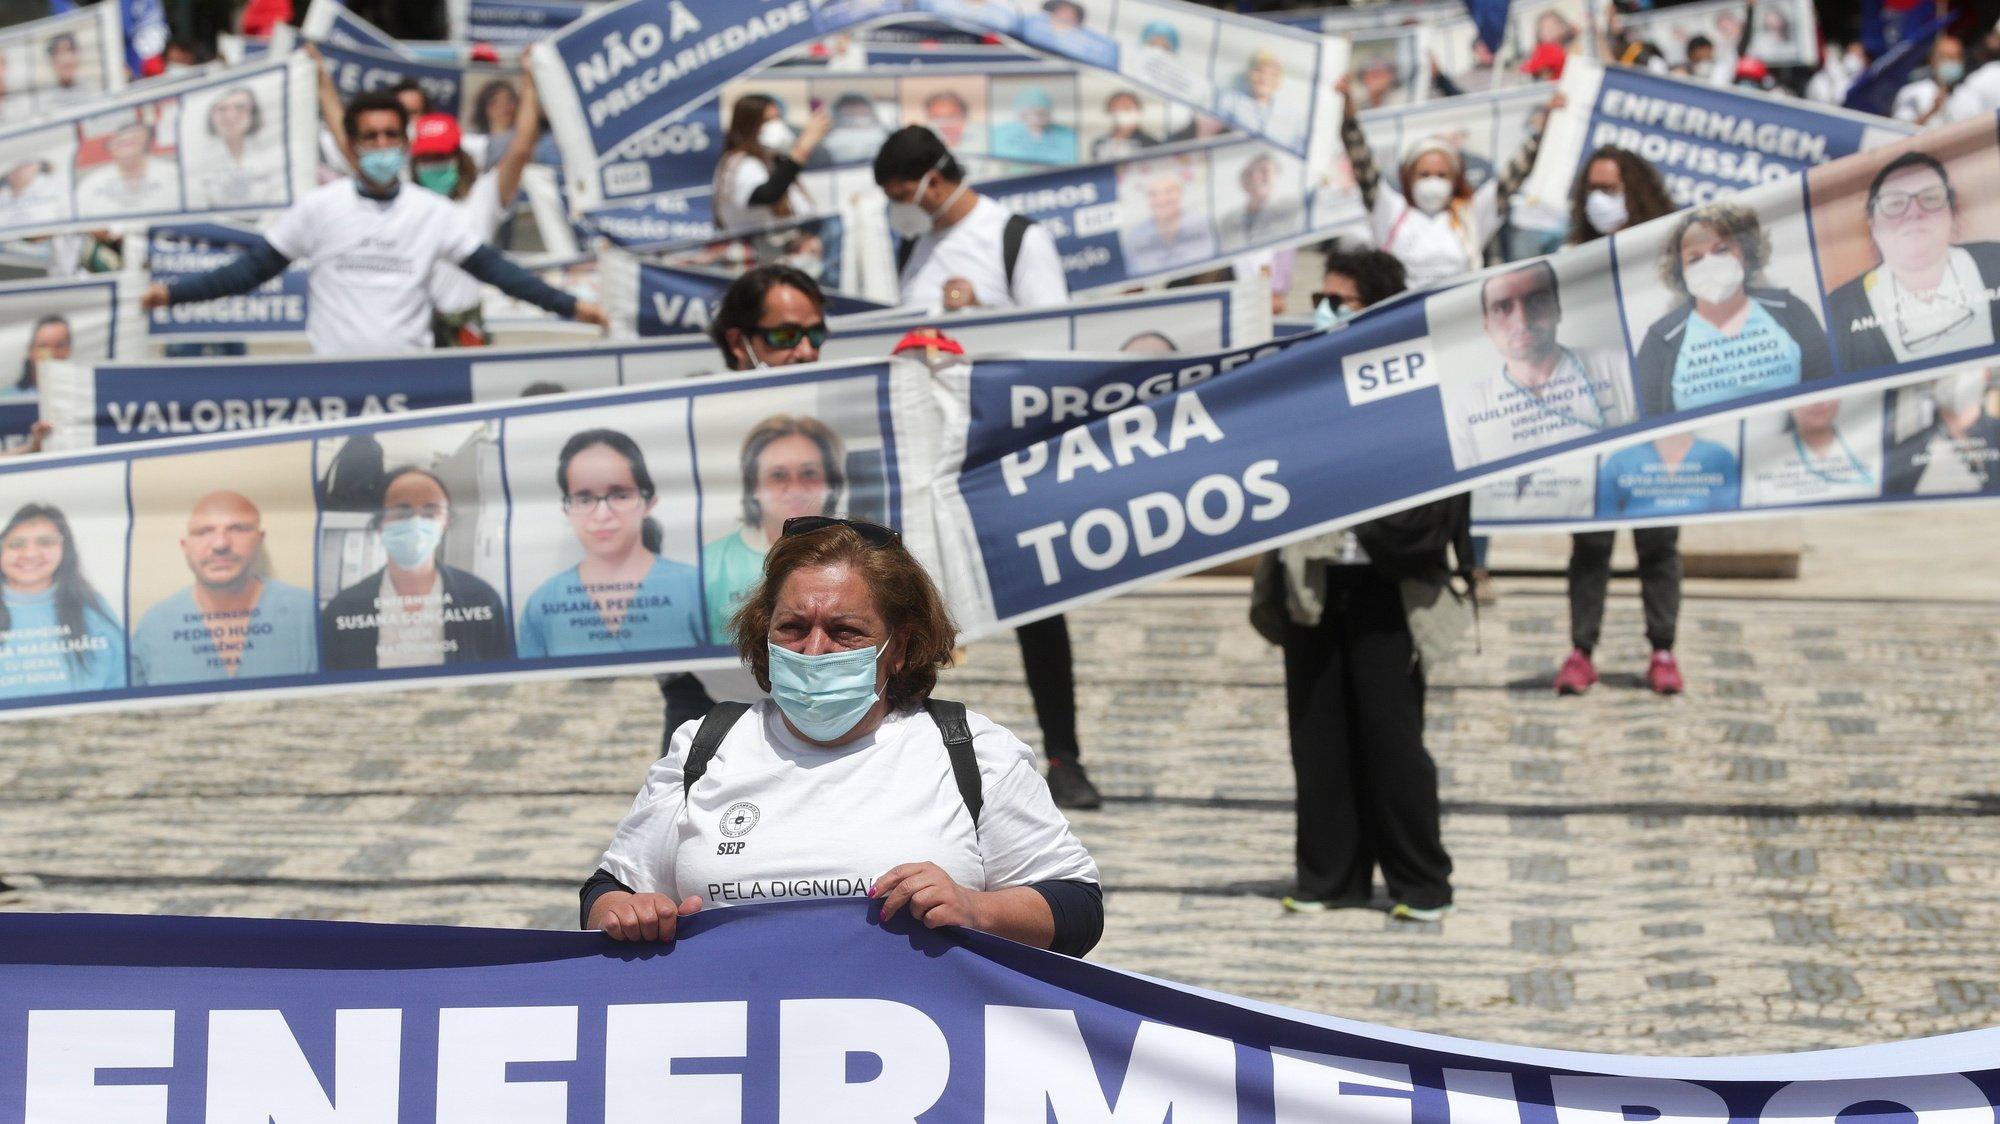 Profissionais de enfermagem juntaram-se numa manifestação convocada pelo Sindicato dos Enfermeiros Portugueses, do Marquês de Pombal aos Restauradores, em Lisboa, 12 de maio de 2021. TIAGO PETINGA/LUSA